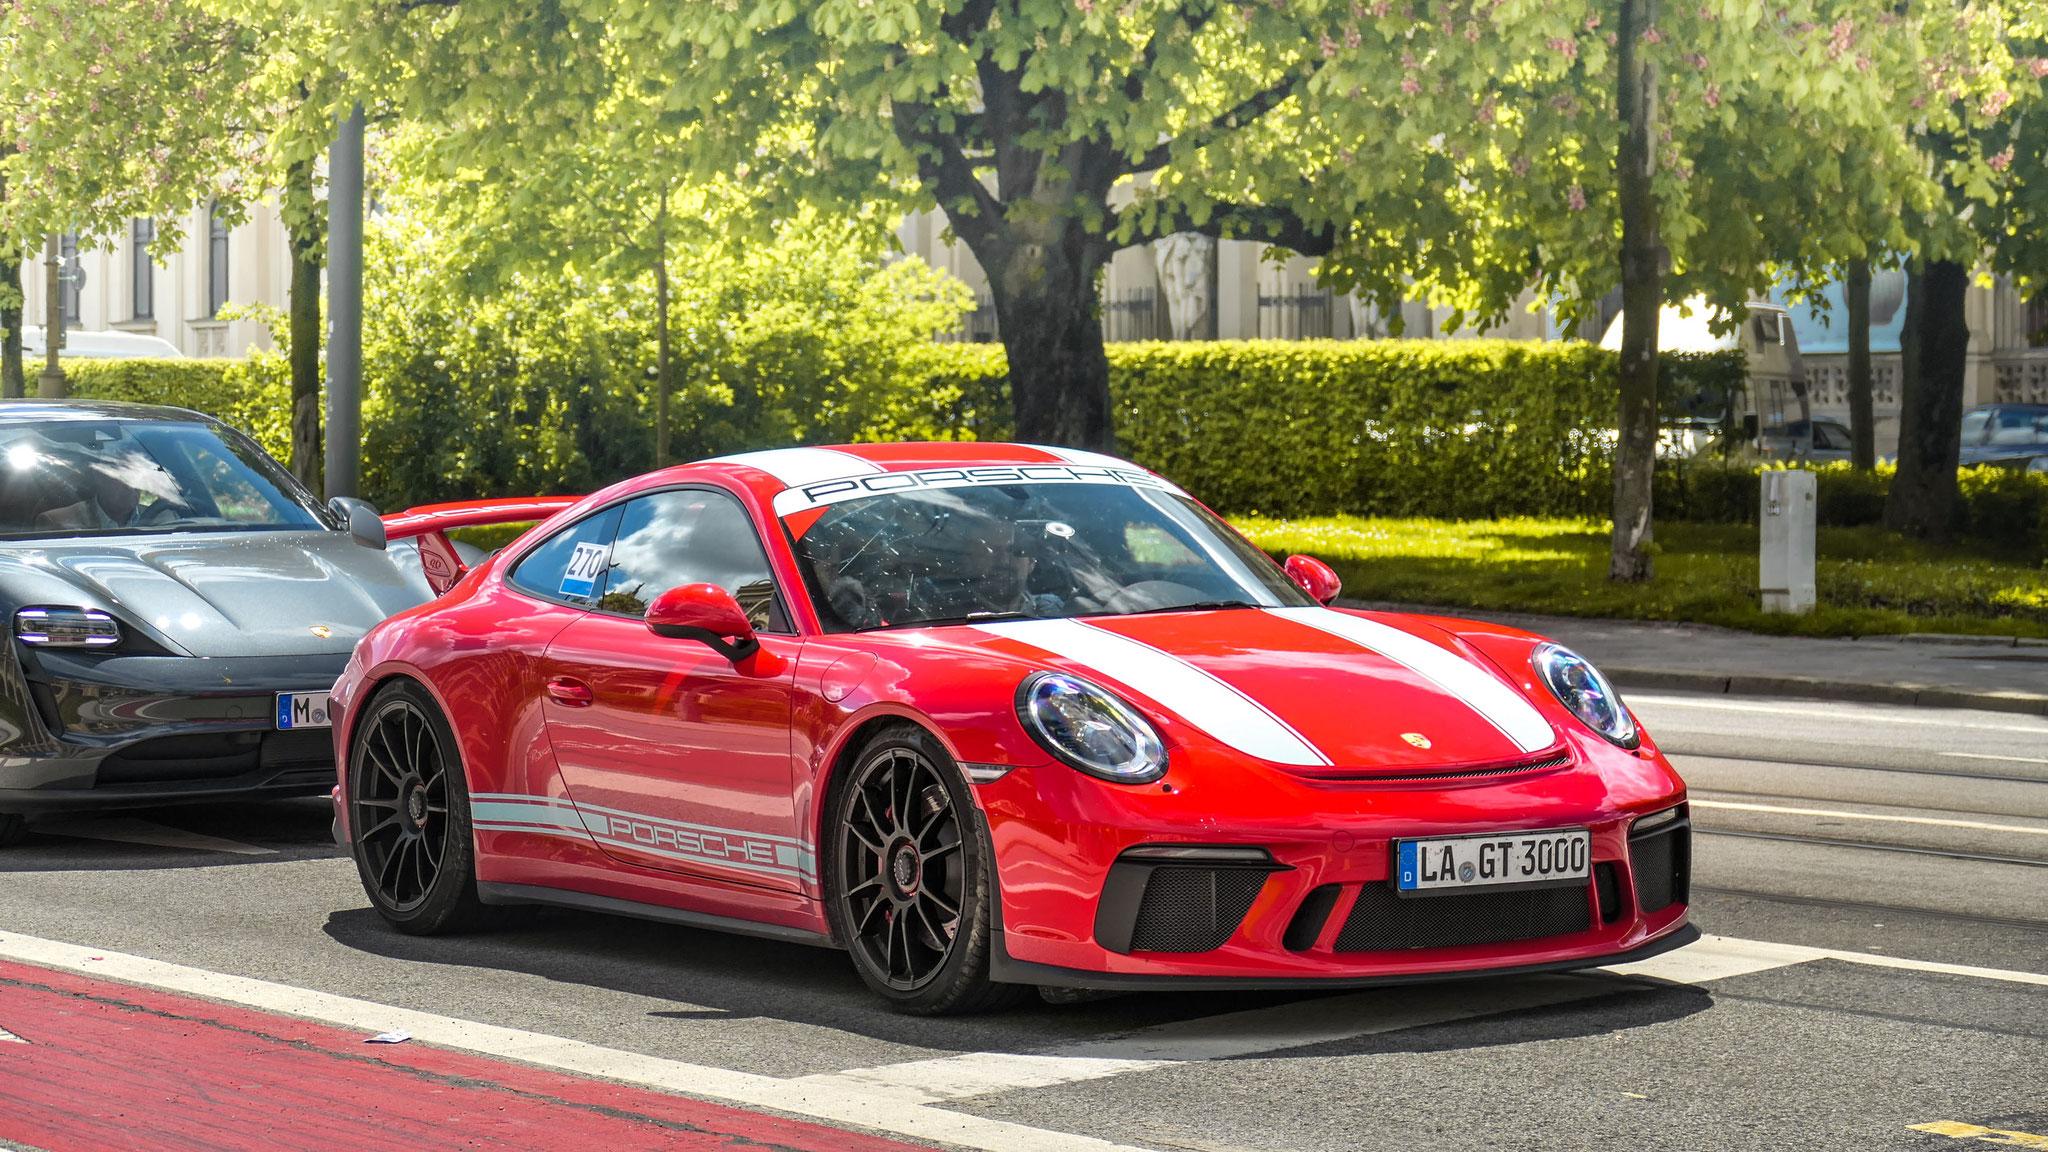 Porsche 991 GT3 - LA-GT-3000